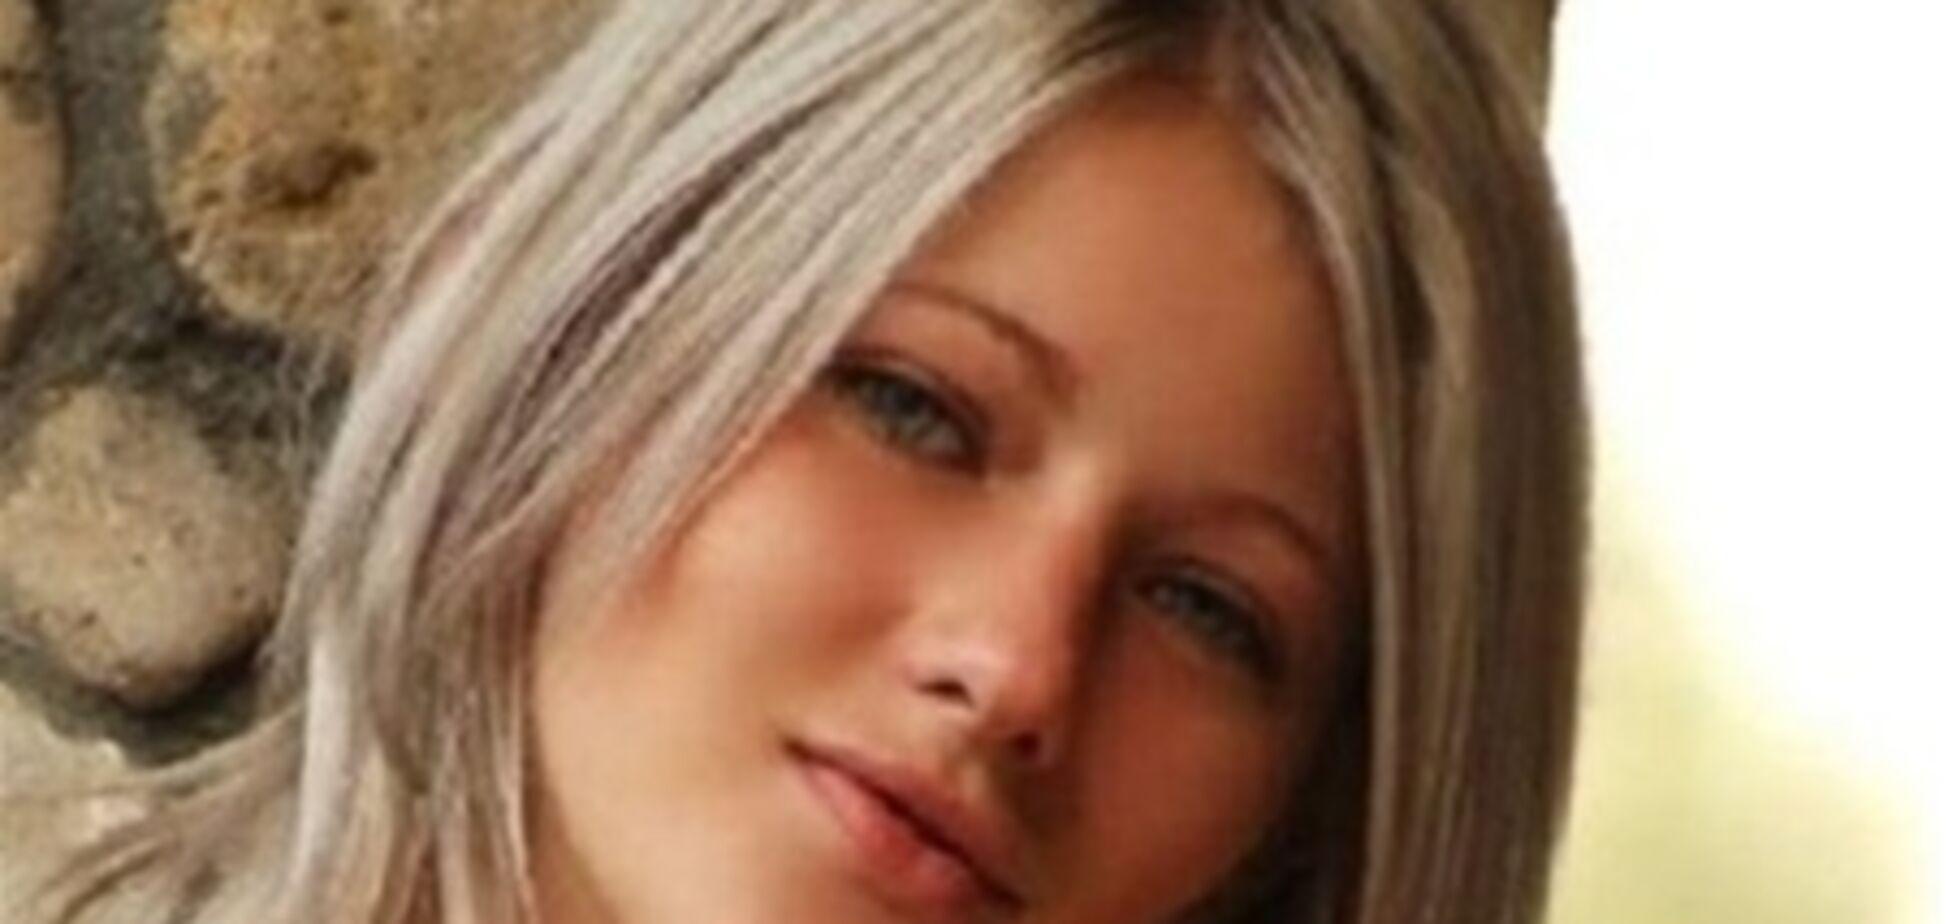 Адвокат Коршуновой: Мария вообще не должна привлекаться по этому иску